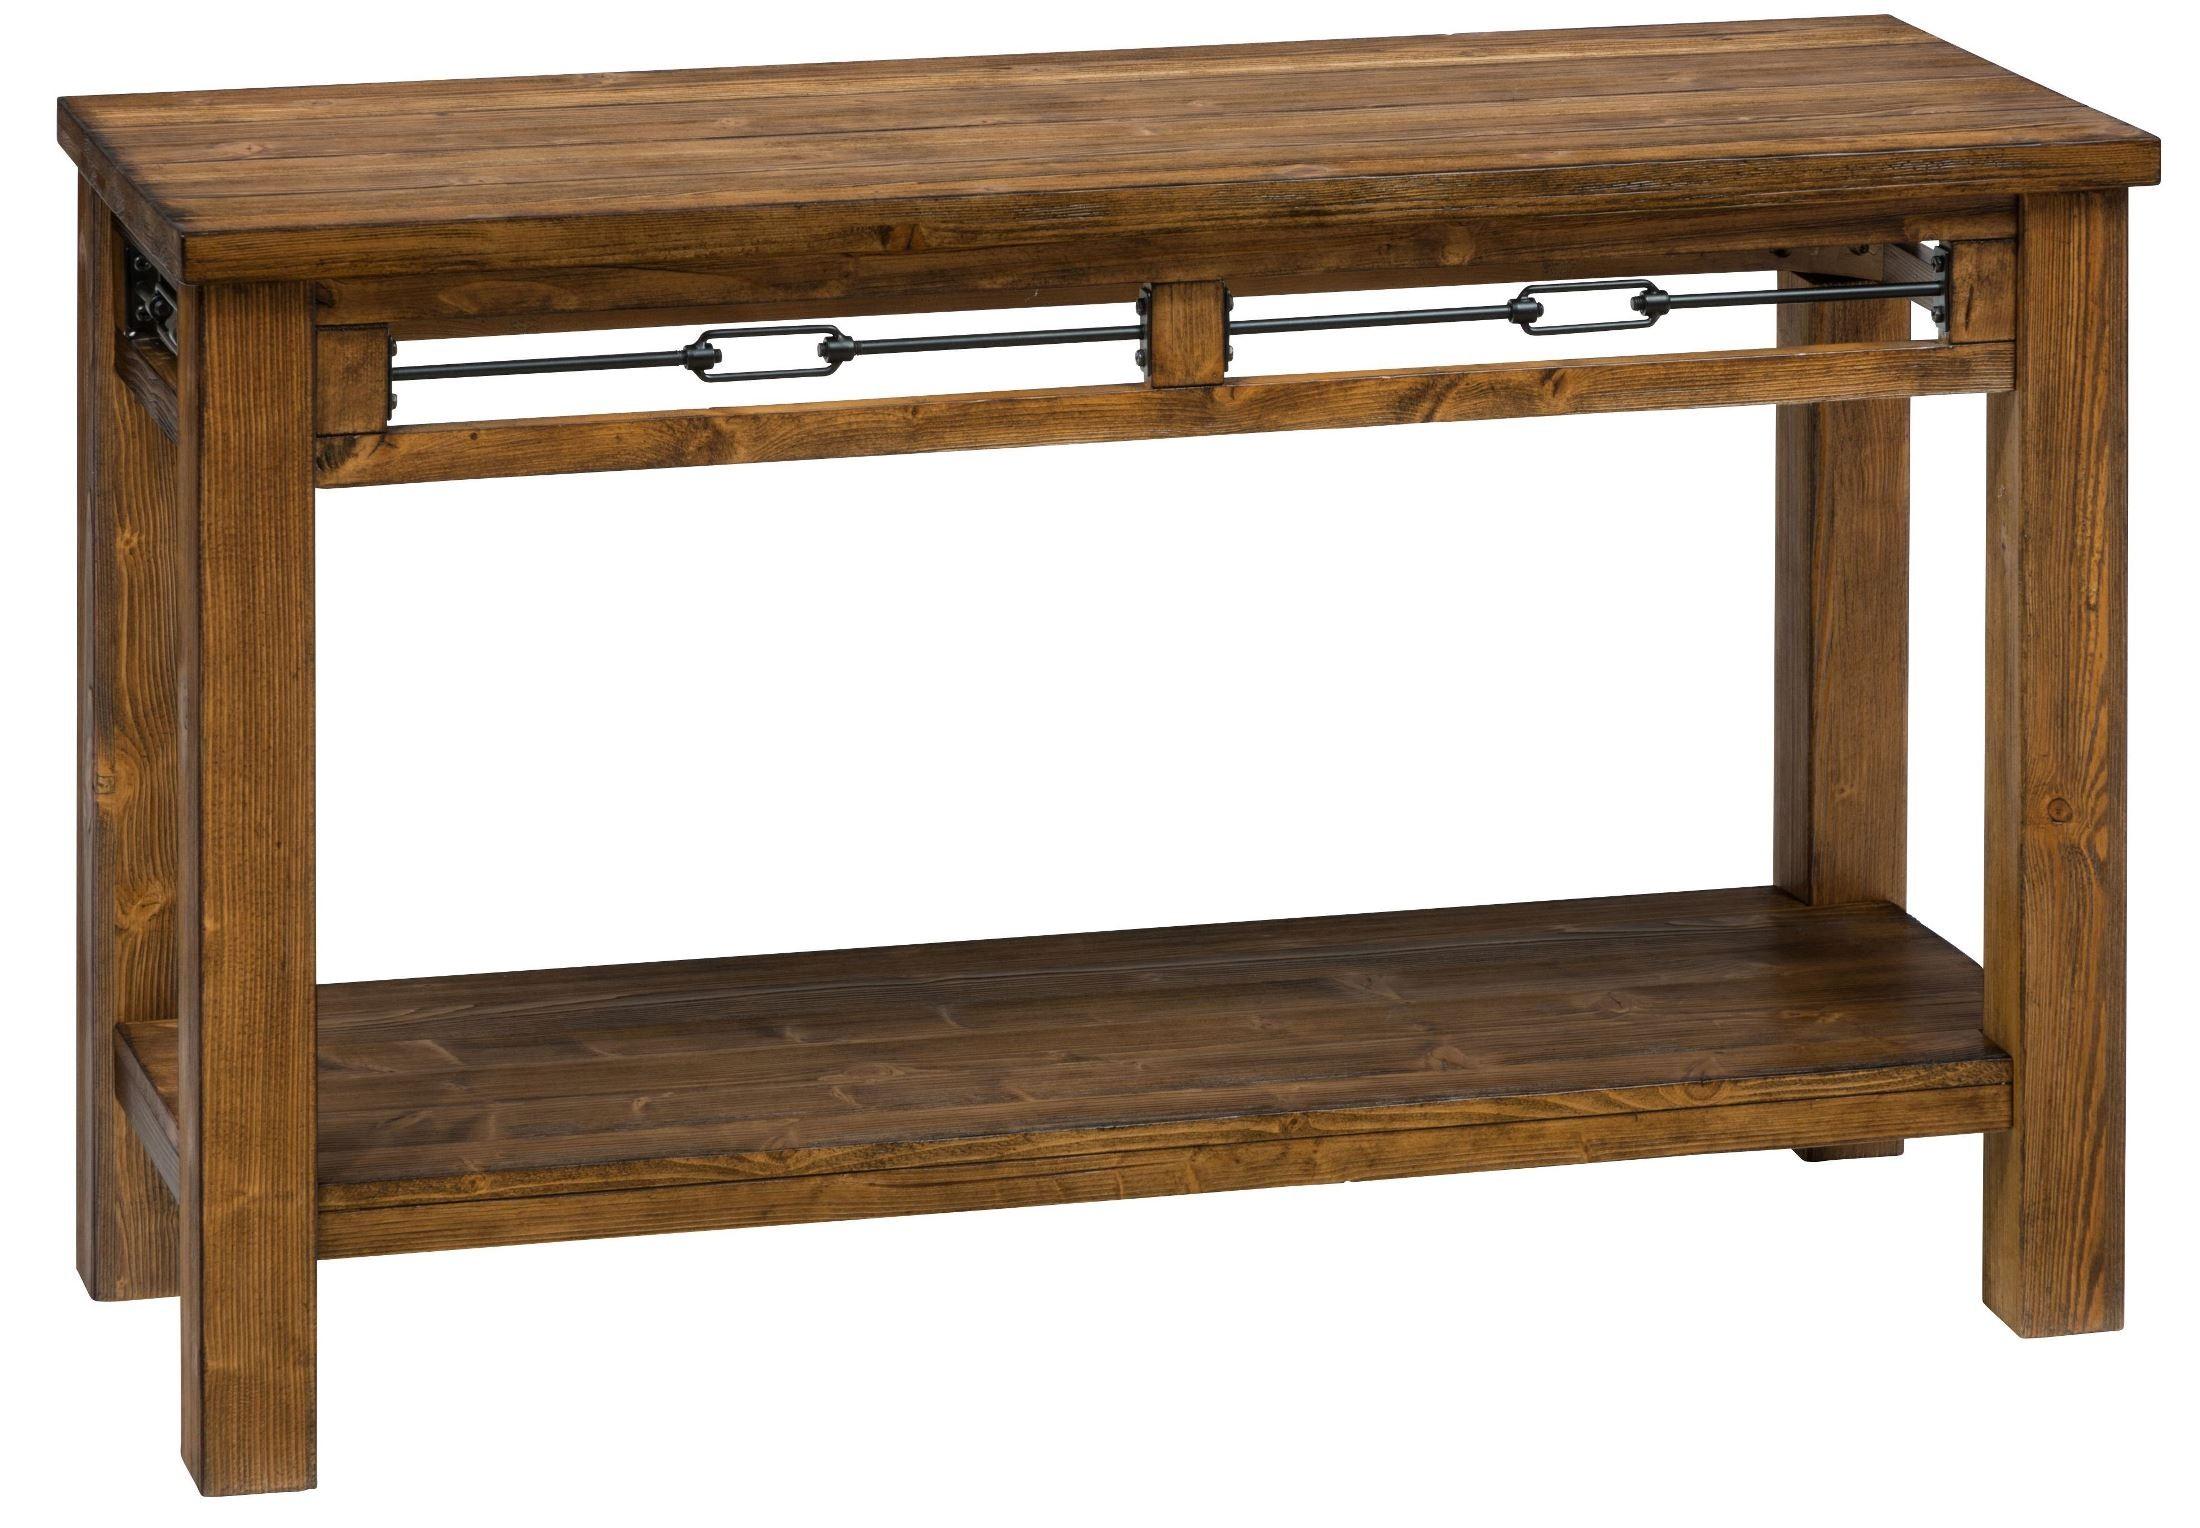 San Marcos Rectangular Sofa Table From Jofran Coleman